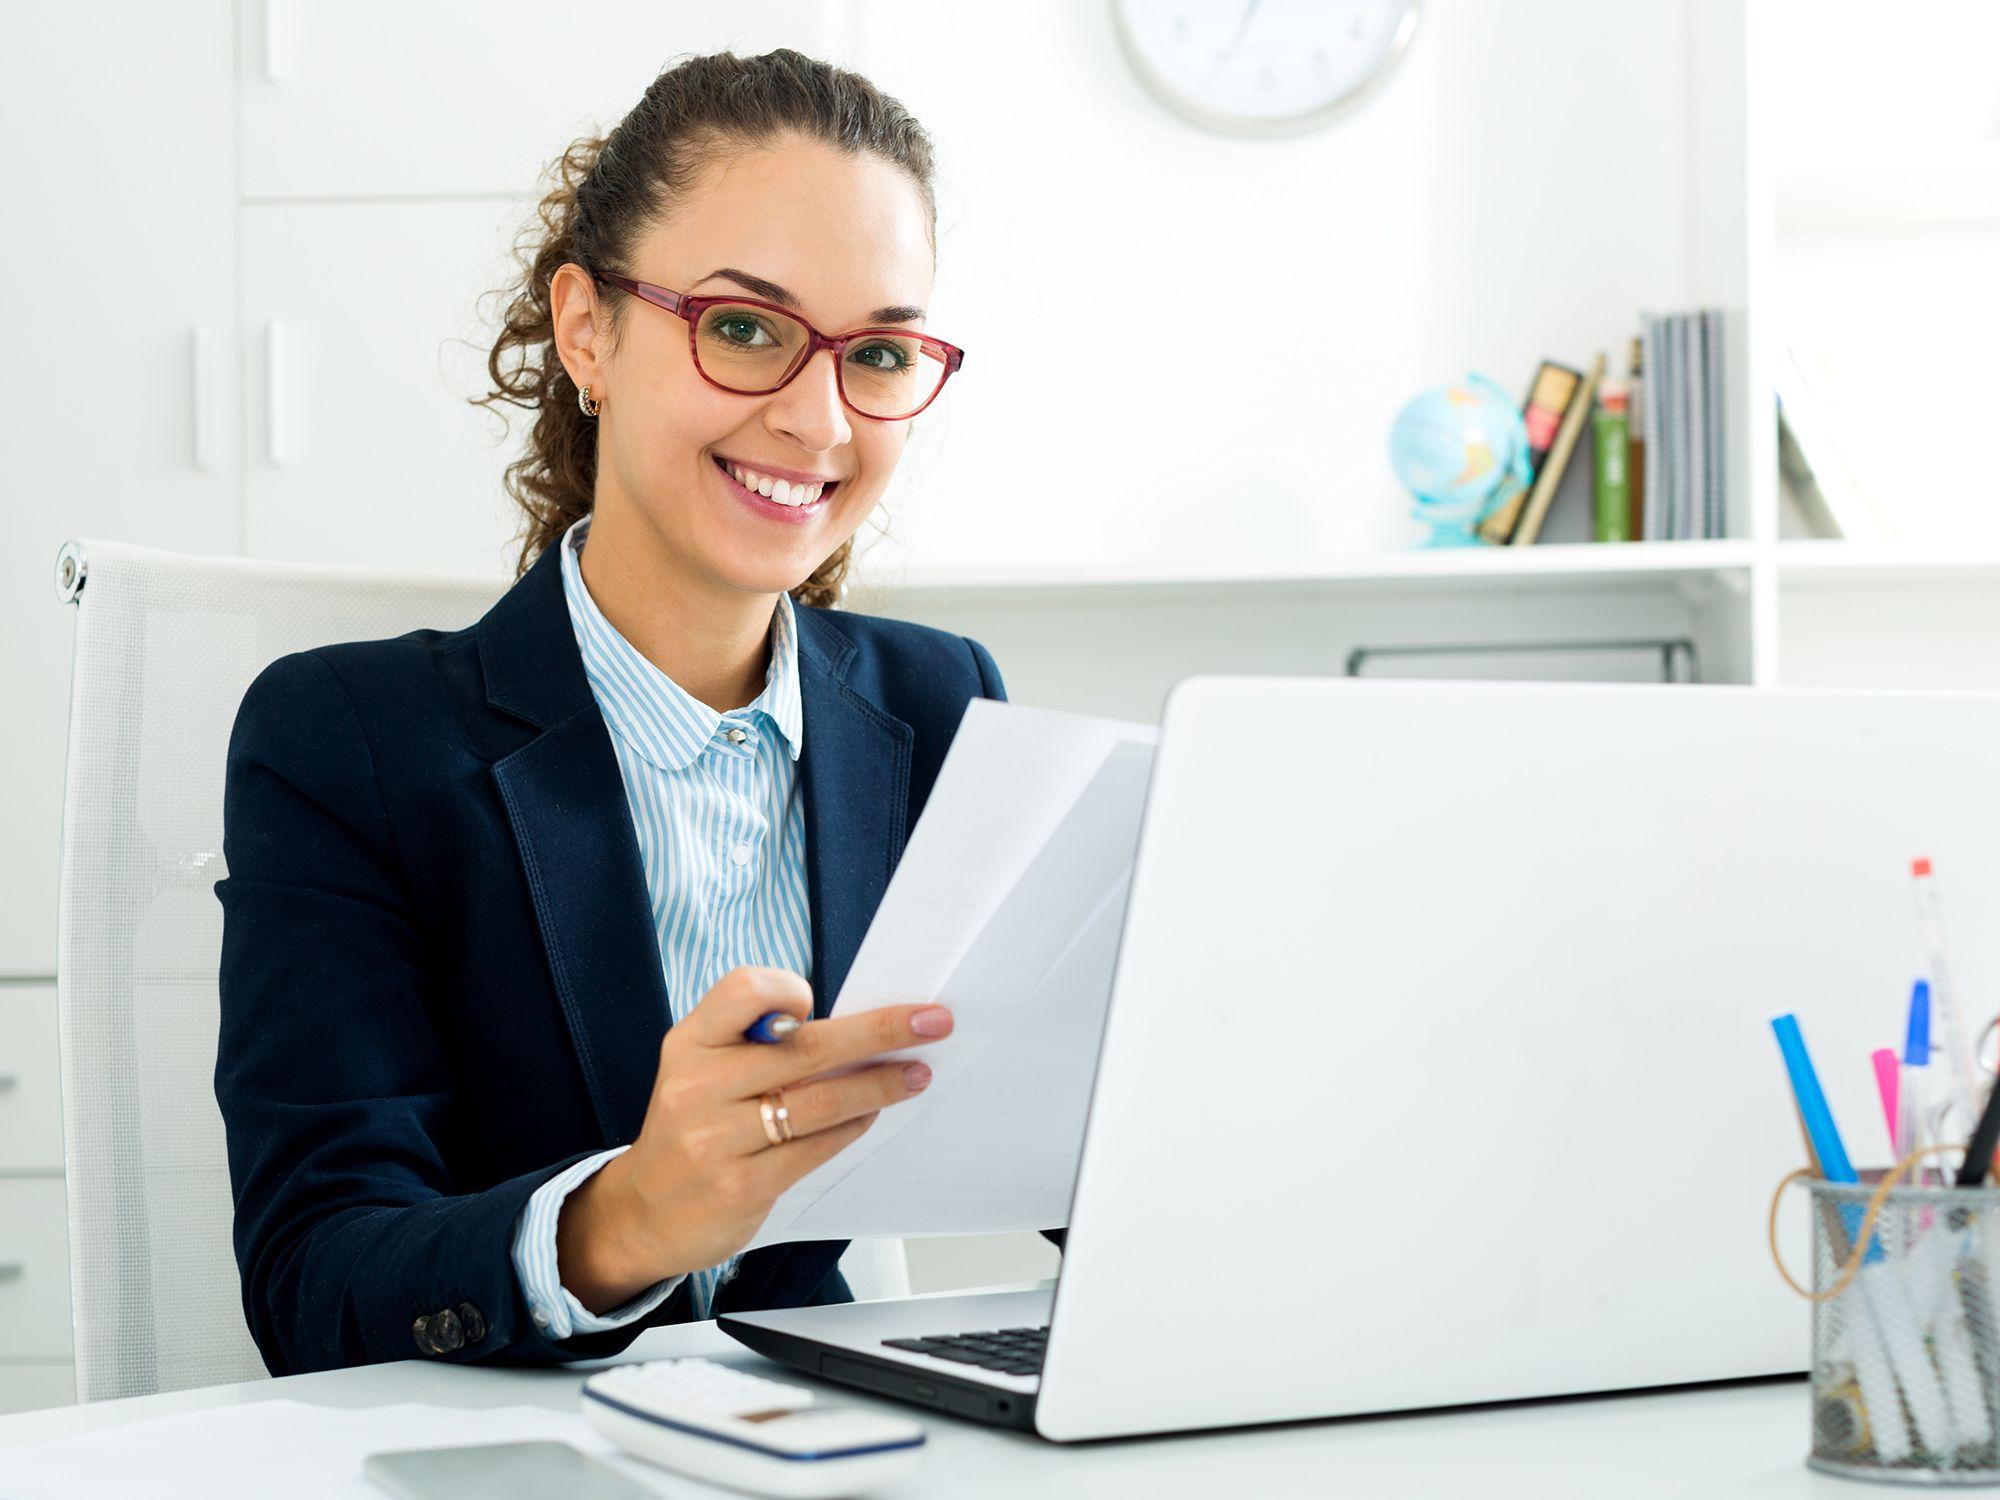 Level 3 - Büroassistenten, Büroassistentinnen, Büroassistent, Assistenz der Geschäftsführung, Büro Assistenz, Bürohilfskraft, Bürofachkraft, Büroangestellten, Bürohilfen, Bürofachkraft, Assistenten und Bürokraft, Leiharbeiter, Zeitarbeiter, Leiharbeitnehmer, Leihkraft, Temporärarbeiter für Büros, Büroarbeit, Büroaufgaben, Bürotätigkeiten, Büroorganisation, Urlaubsvertretung und Rekrutierung bei uns als Personalagentur, Zeitarbeitsfirma, Zeitarbeitsunternehmen, Personal-Service-Agentur, Personaldienstleistungsagentur und Leiharbeitsfirma per Arbeitnehmer-Leasing, Arbeitnehmerüberlassung, Arbeitskräfte-Leasing, Arbeitskräfteüberlassung, Arbeitskraftüberlassung, Leiharbeit, Mitarbeiter-Leasing, Mitarbeiterleasing, Mitarbeiterüberlassung, Personaldienstleistung, Personalleasing, Personalüberlassung, Temporärarbeit, Zeitarbeit buchen, mieten, leihen oder langfristig neue Mitarbeiter für Jobs wie Büro Jobs, Schülerjobs, Ferienjobs, Aushilfsjobs, Studentenjobs, Werkstudentenjobs, Saisonjobs, Vollzeit Jobs, Teilzeit Jobs, Nebenjobs, Temporär Jobs, Gelegenheitsjobs per Personalvermittlung suchen, finden und vermittelt bekommen.